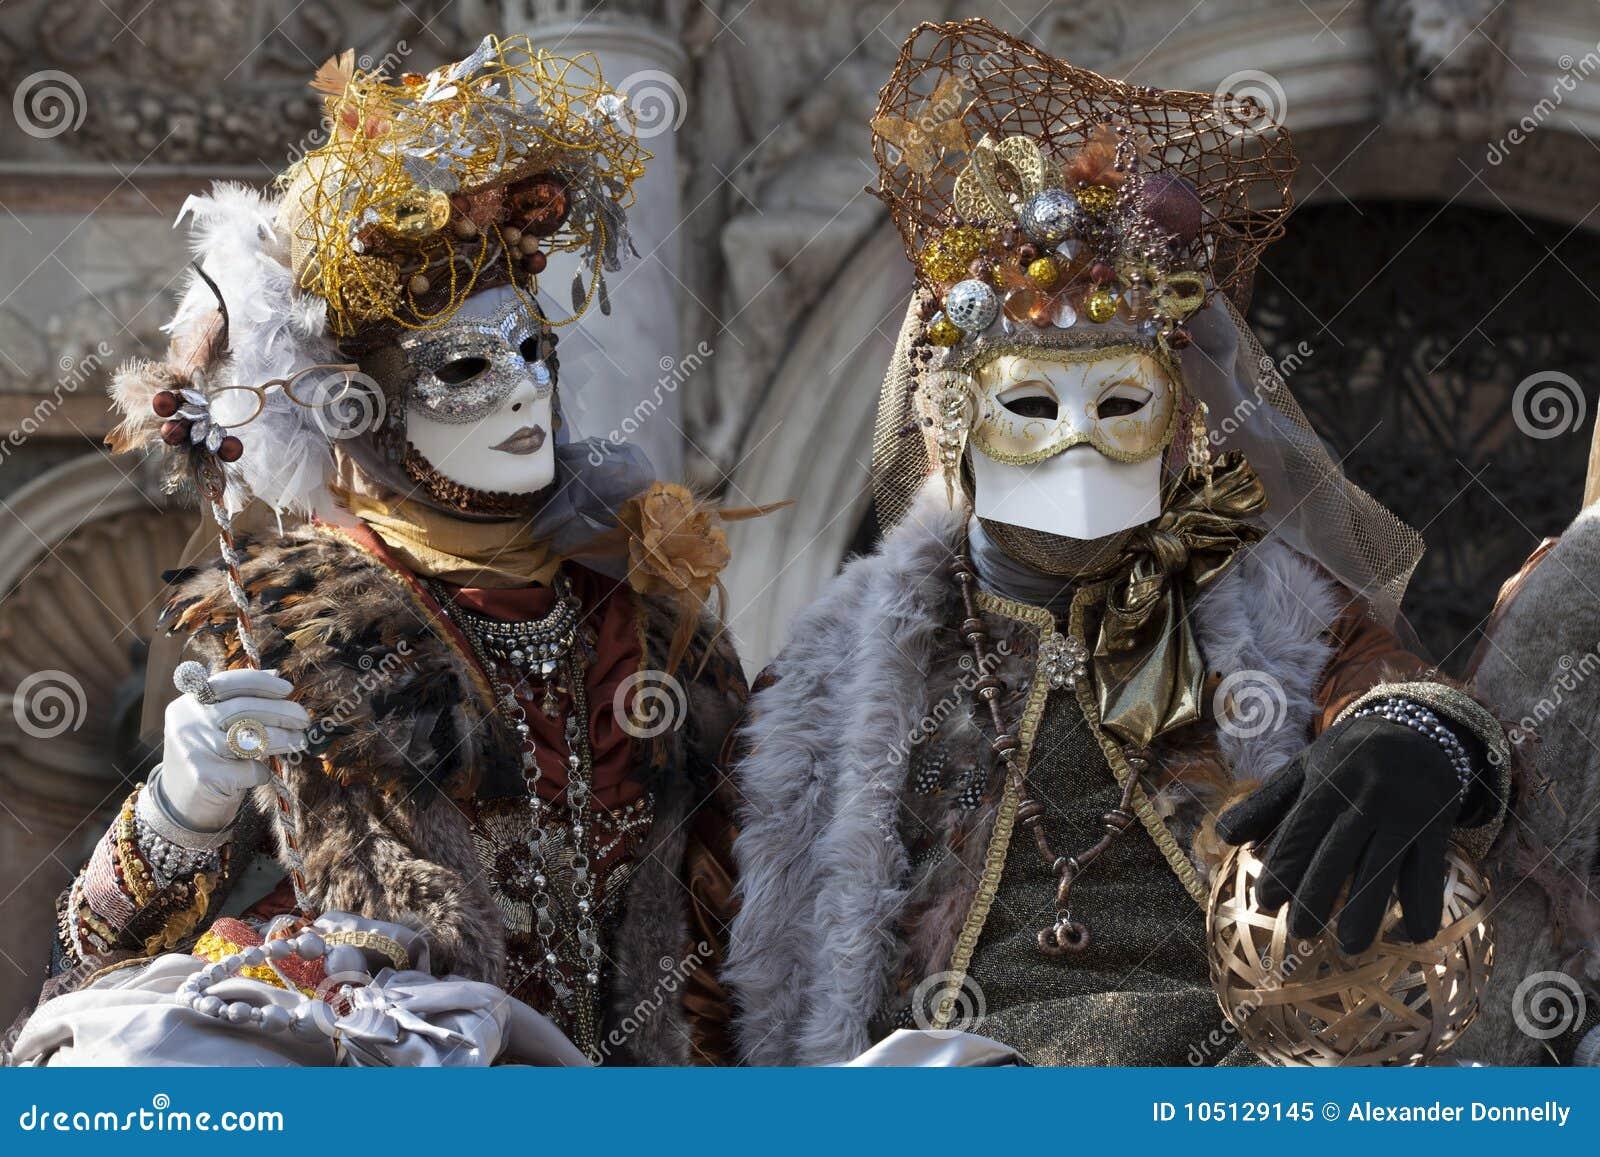 Αριθμοί της Βενετίας καρναβάλι ζωηρόχρωμες χρυσές και καφετιές κοστούμια και μάσκες Βενετία Ιταλία